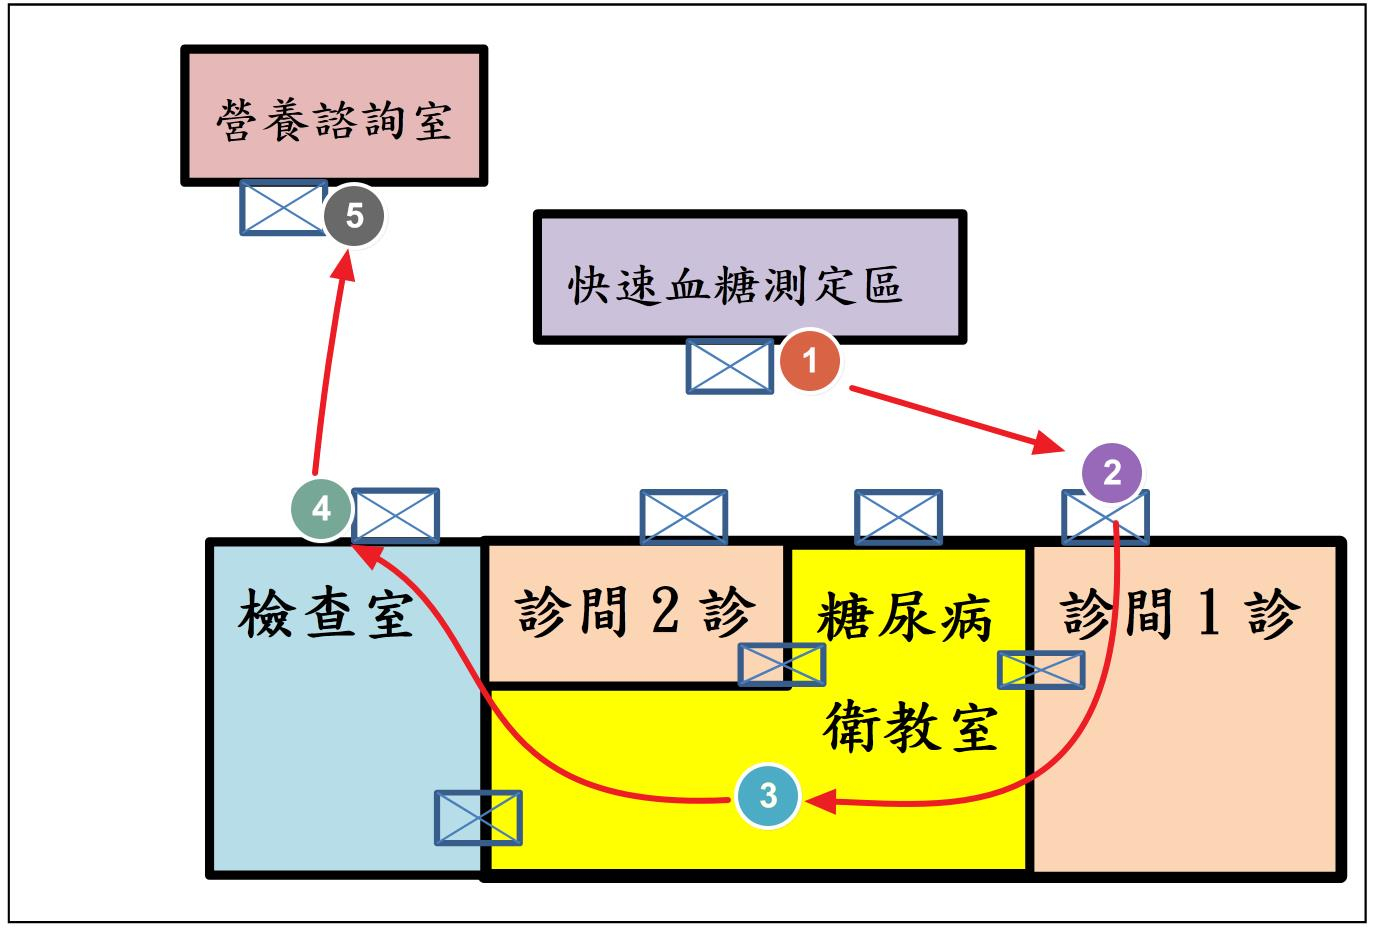 新陳代謝科空間流程圖